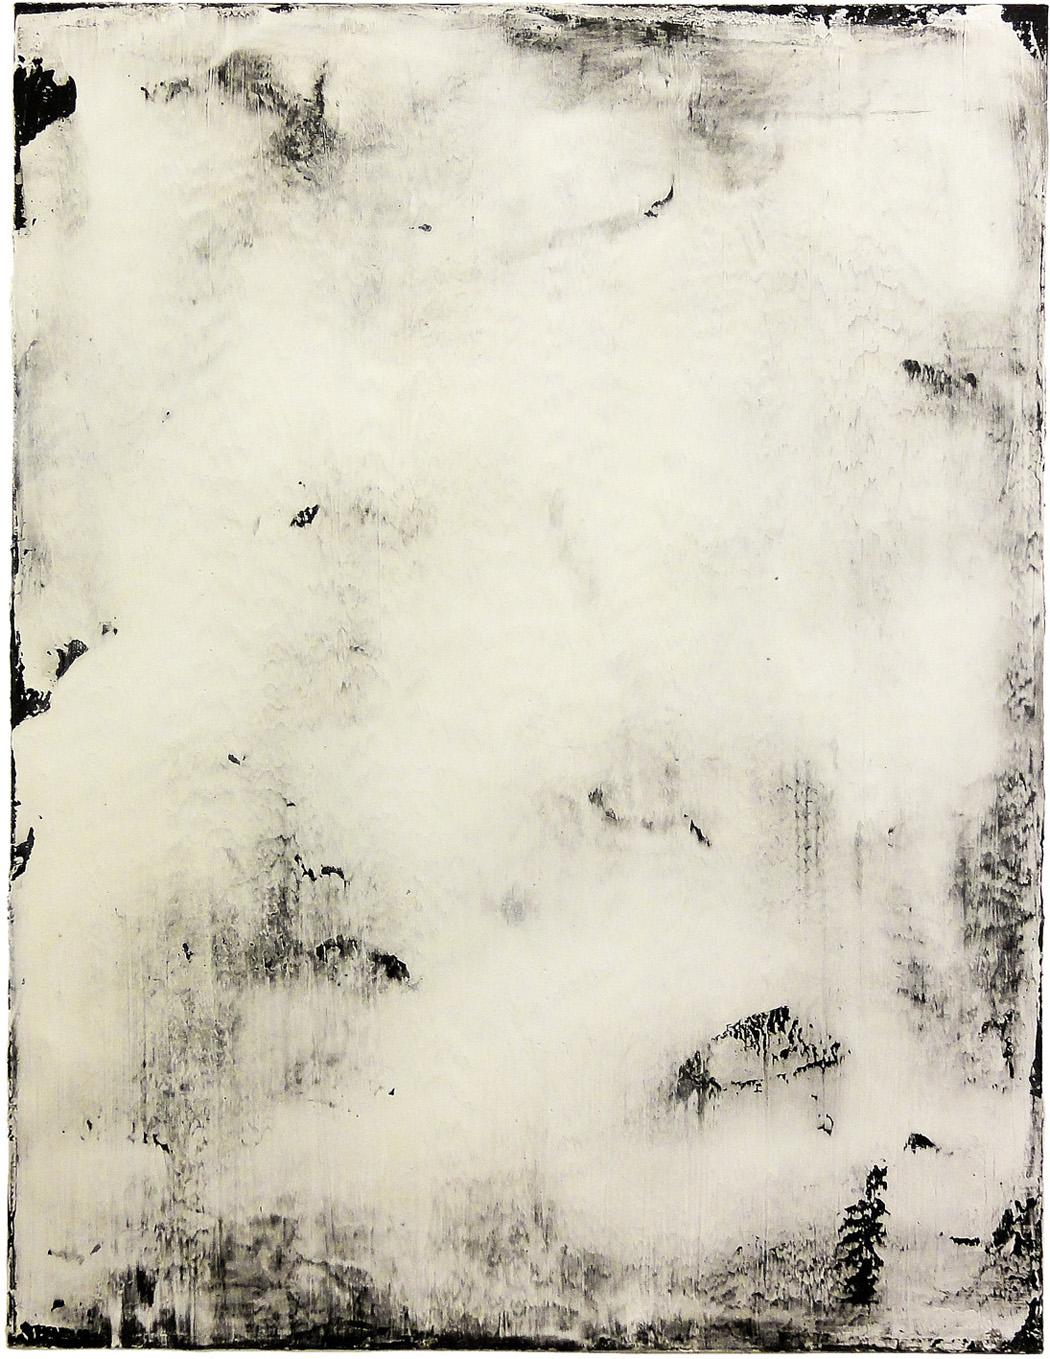 Galerie Biesenbach_Hideaki Yamanobe_Daylight, 2016, Acryl-Mischtechnik auf Leinwand, 130 x 100 cm